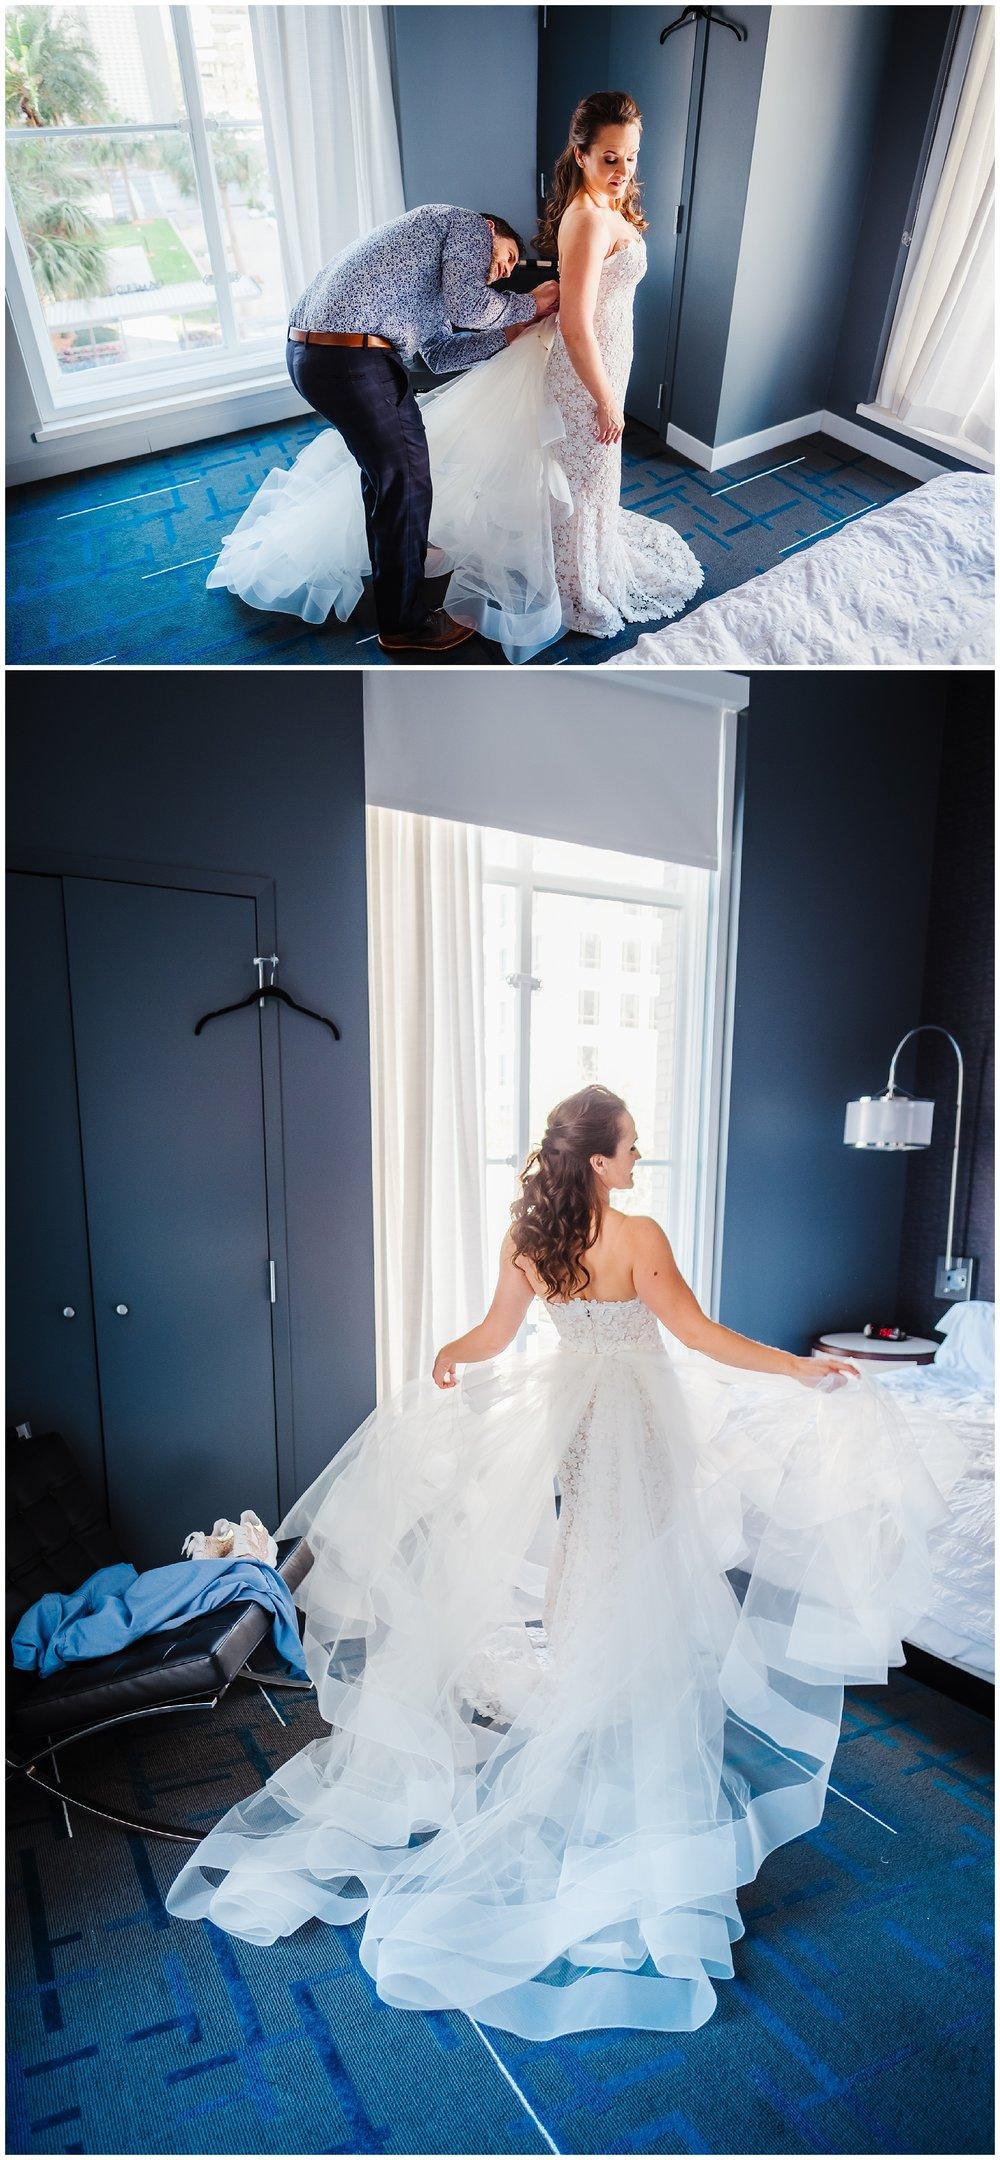 tampa-wedding-photographer-davis-island-flamingo-garden-alexander-mcqueen-non-traditional_0007.jpg